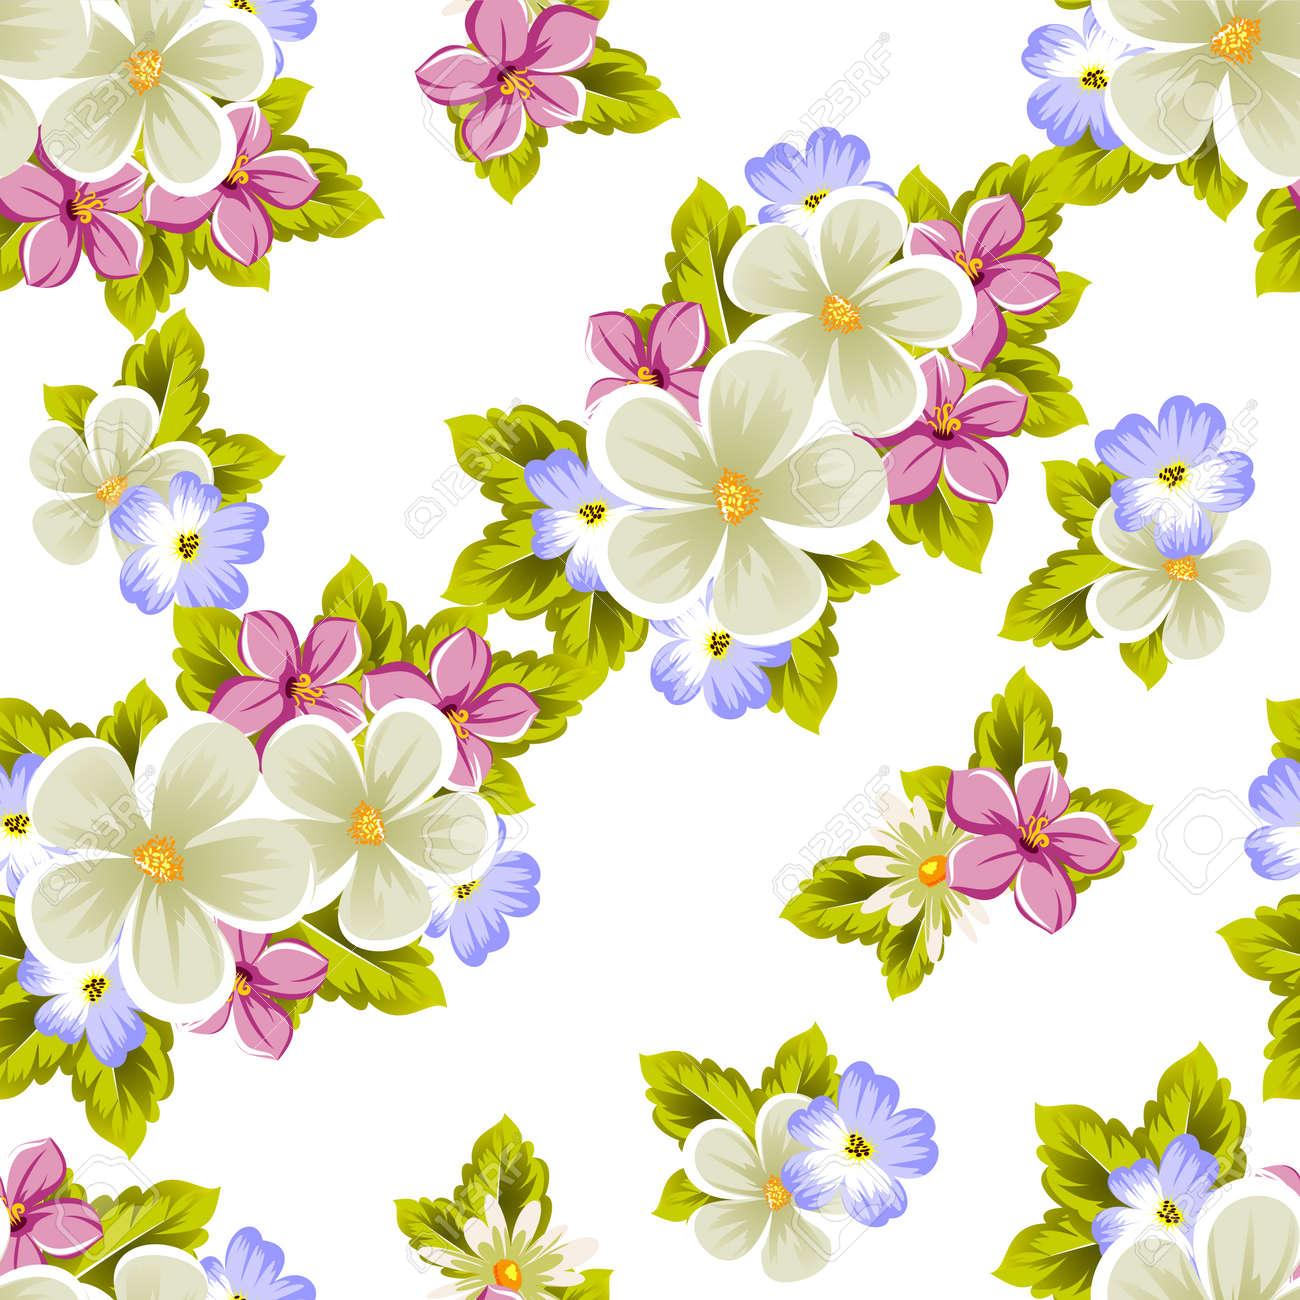 Patrón Floral Sin Fisuras De Varias Flores Para El Diseño De Tarjetas Invitaciones Felicitaciones De Cumpleaños Bodas Fiestas Fiestas